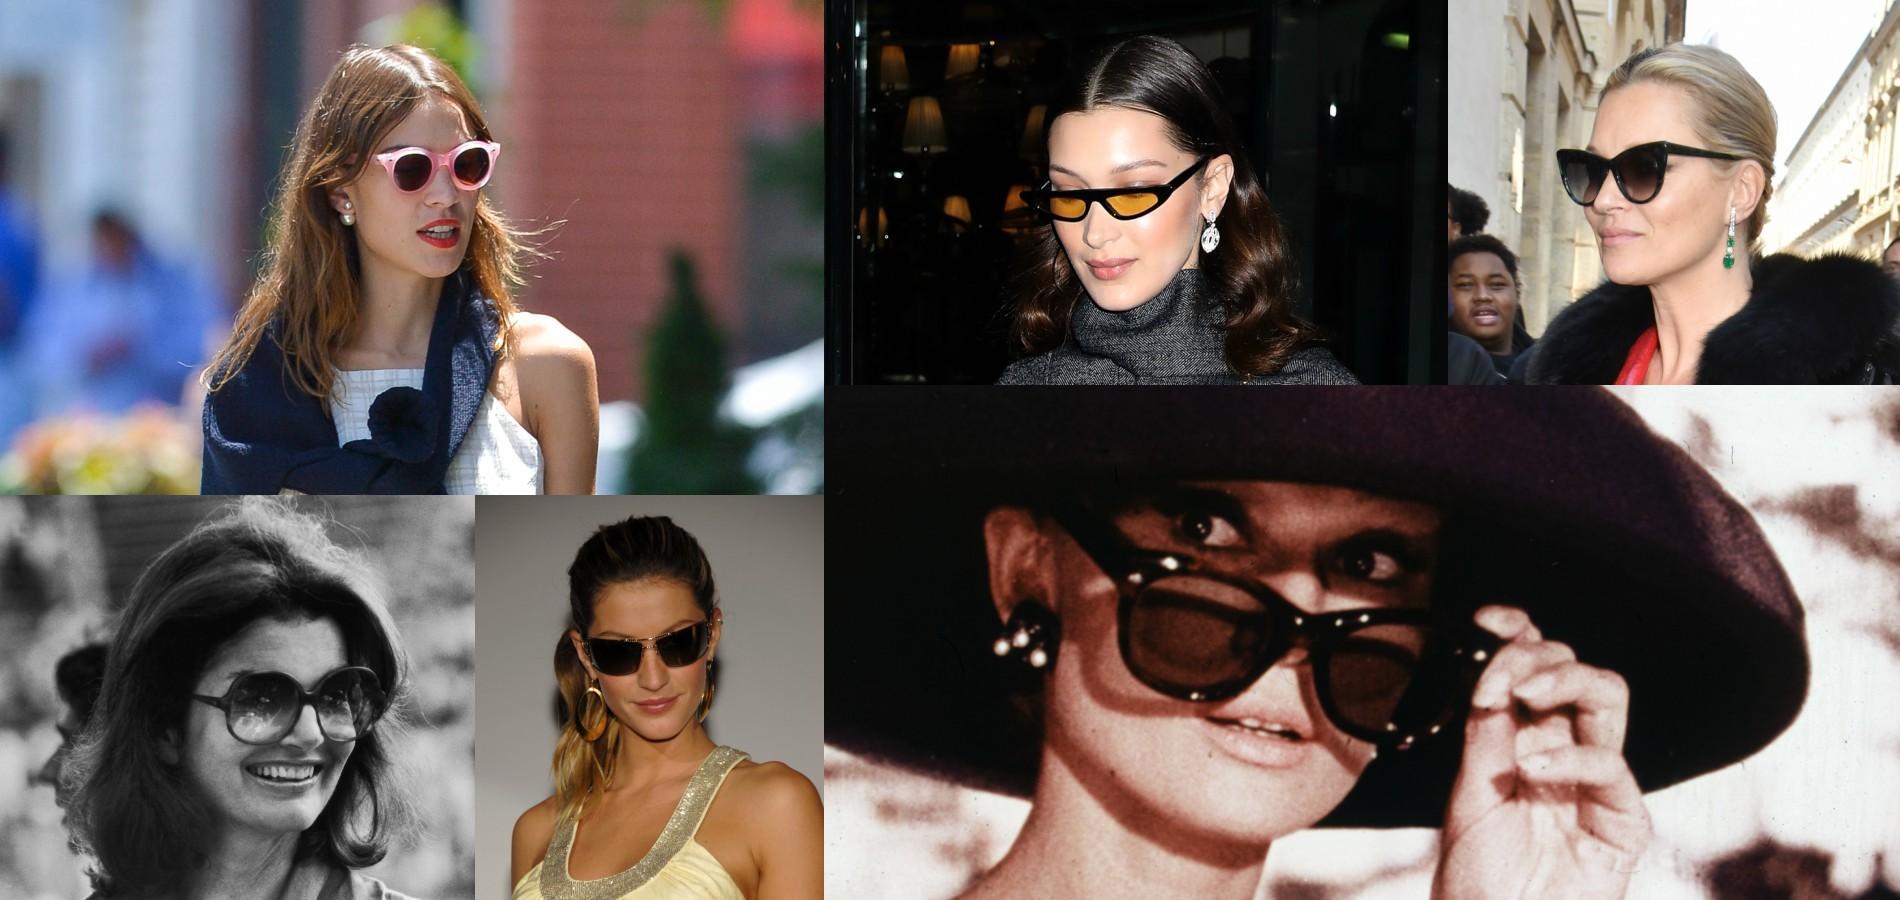 Alexa Chung et ses lunettes rondes, Jacqueline Kennedy Onassis et ses  montures XXL, les sœurs Hadid et leurs modèles façon Matrix...  Lorsqu arrive le moment ... 4113e3b735f4